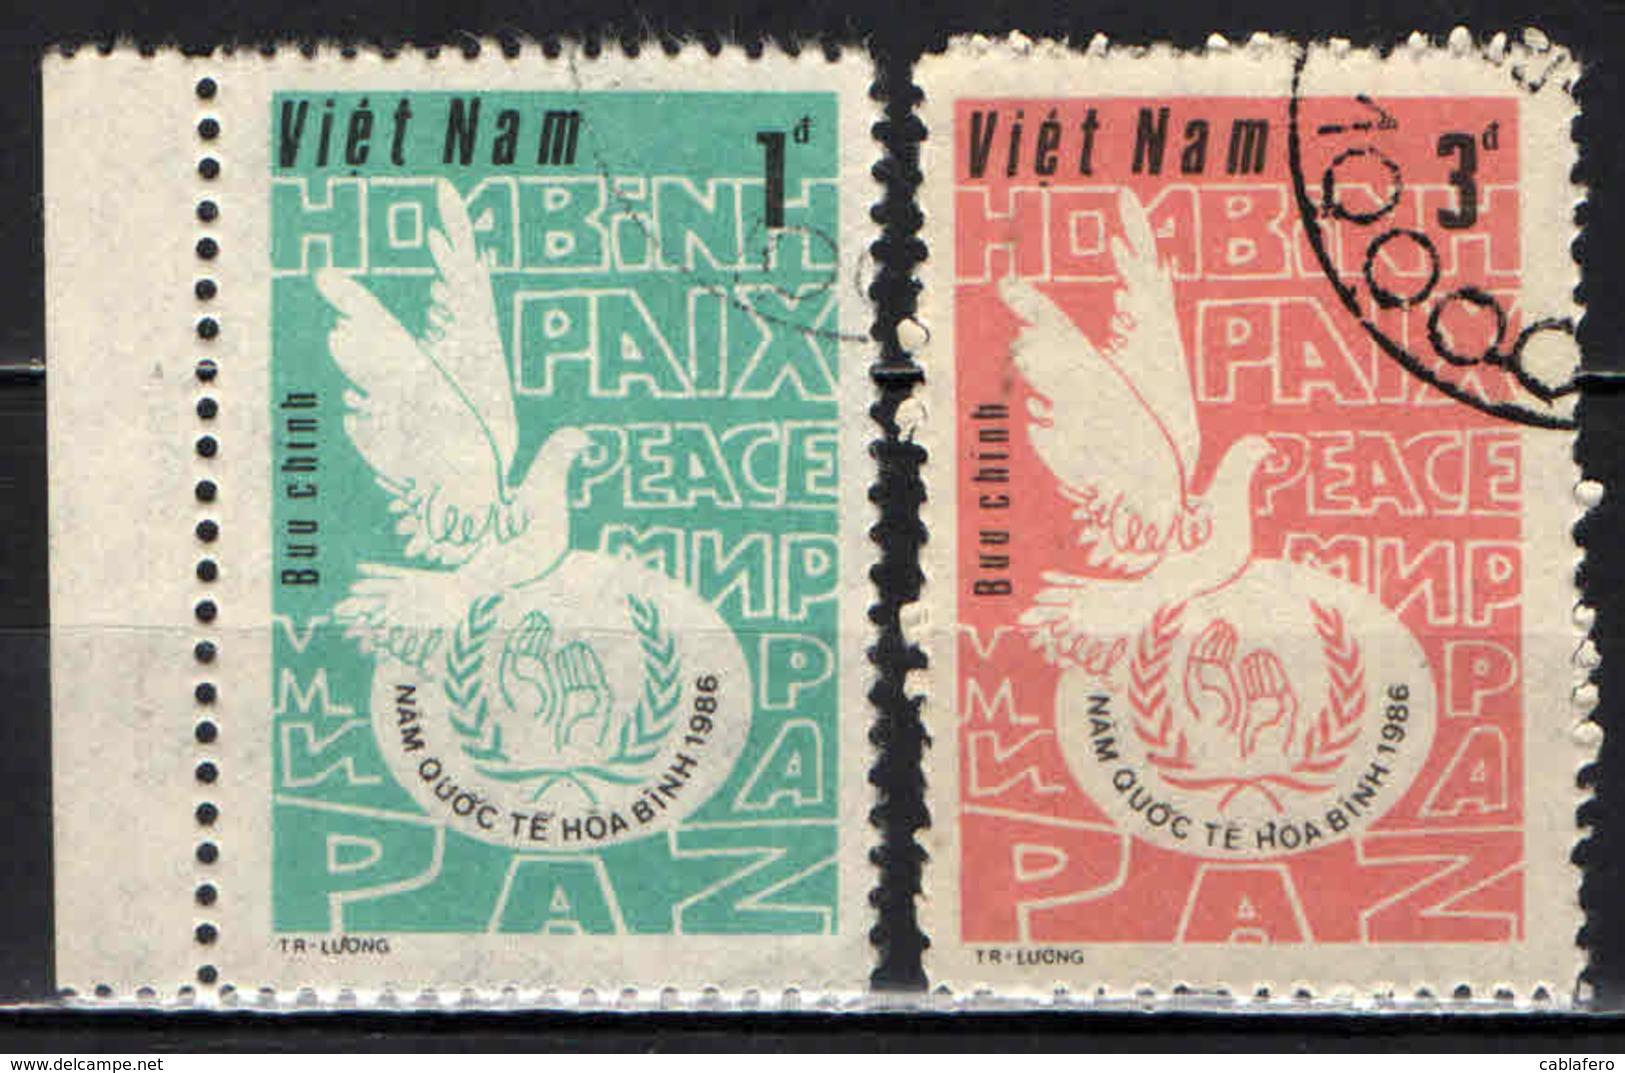 VIETNAM - 1986 - ANNO MONDIALE DELLA PACE - COLOMBA DELLA PACE - USATI - Vietnam